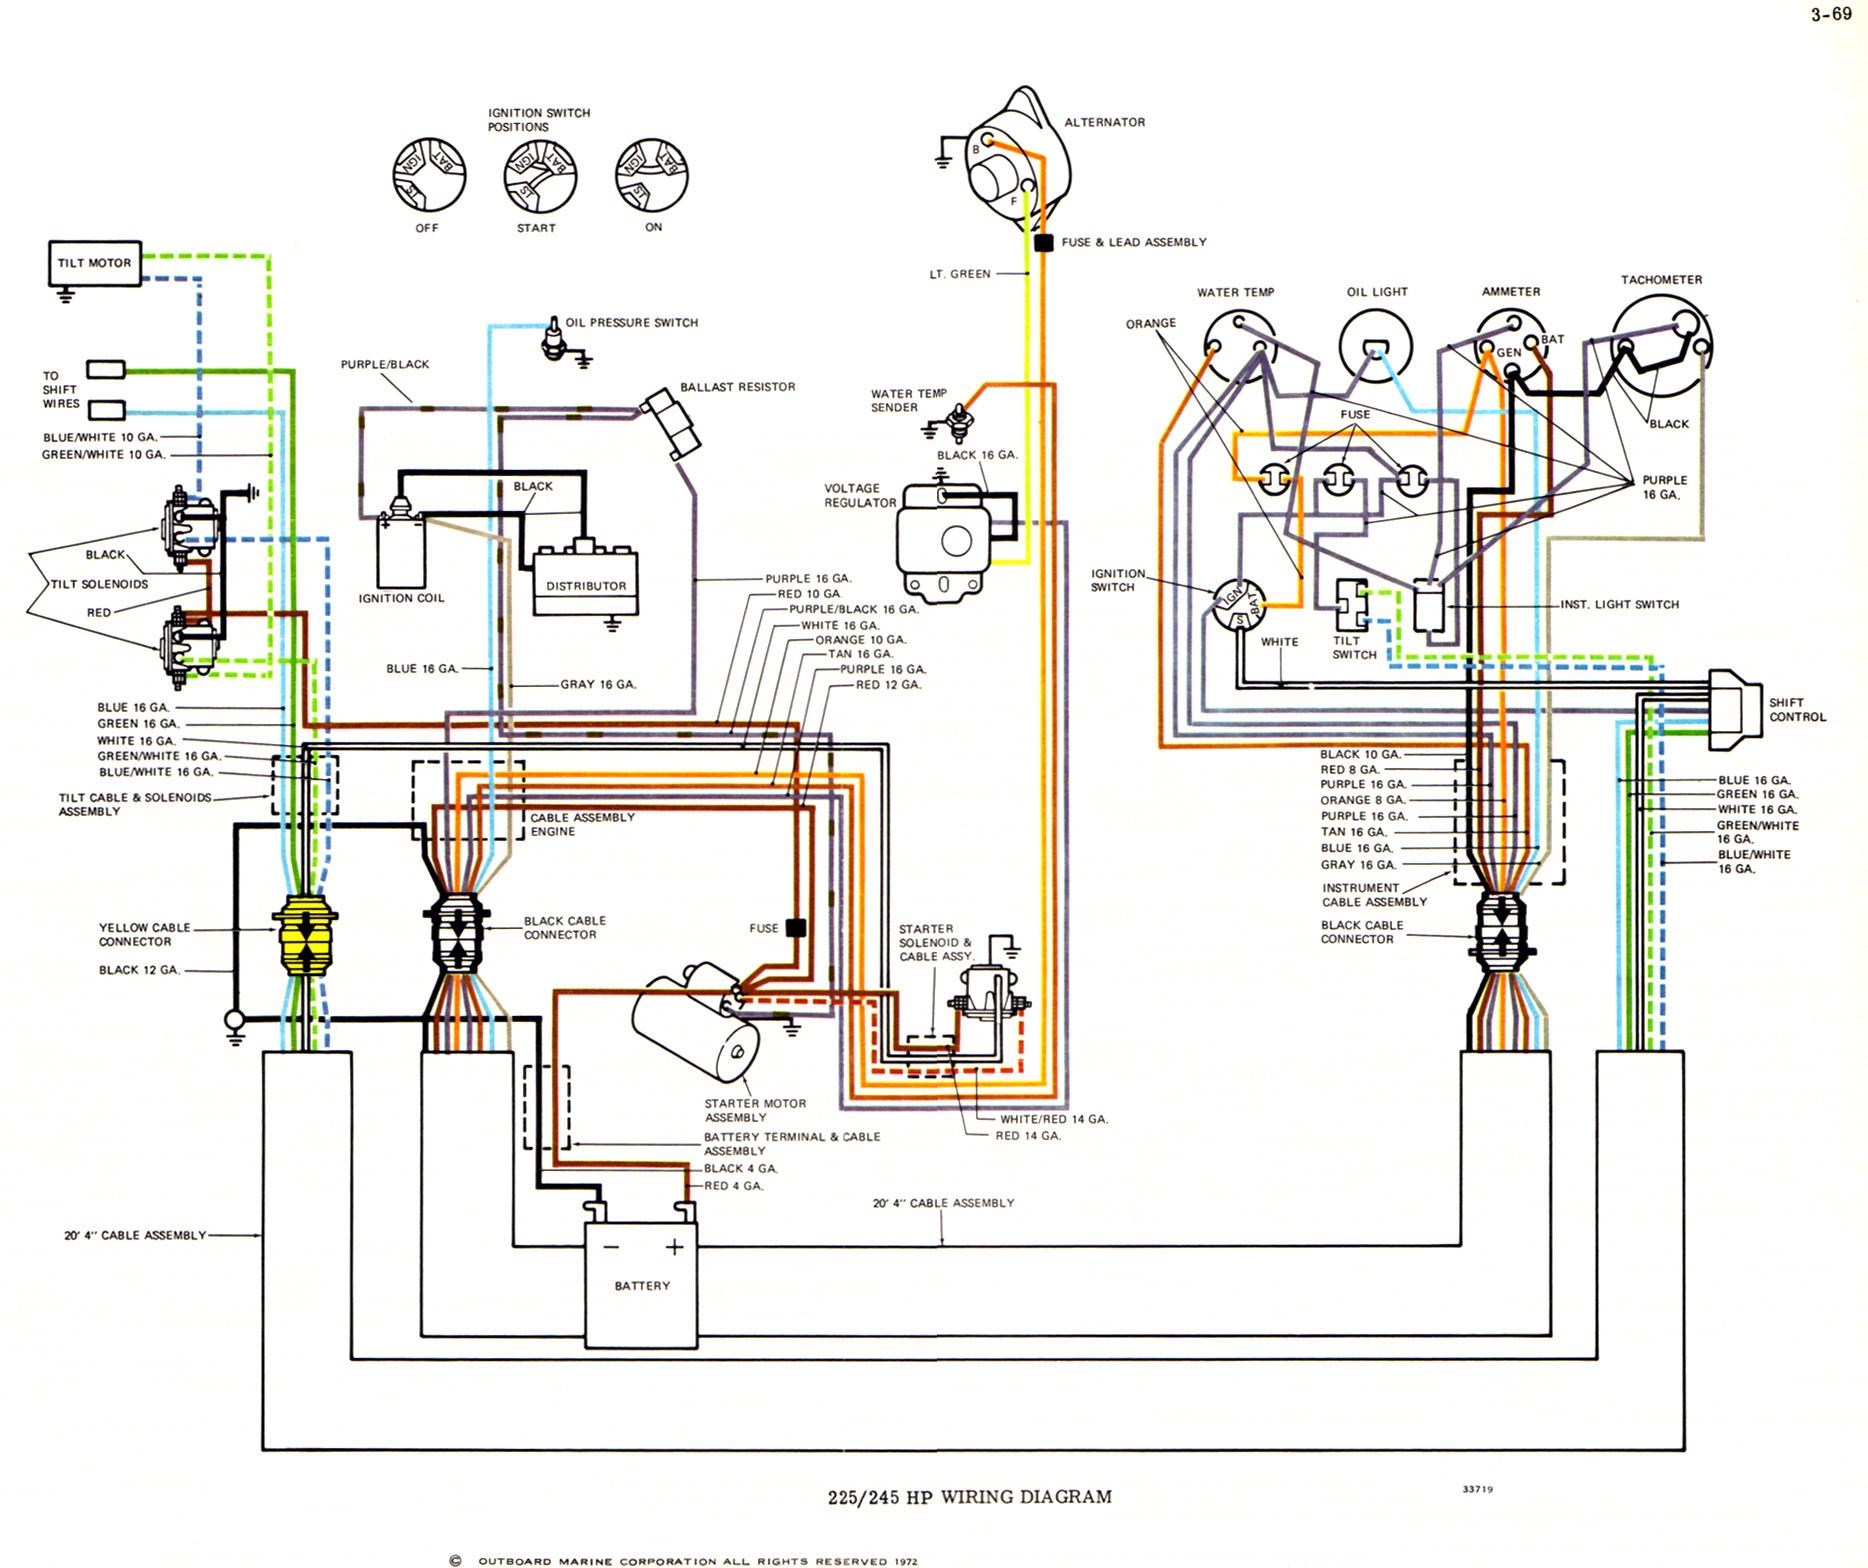 Suzuki Outboard Wiring Harness Diagram | Wiring Diagram - Suzuki Outboard Ignition Switch Wiring Diagram